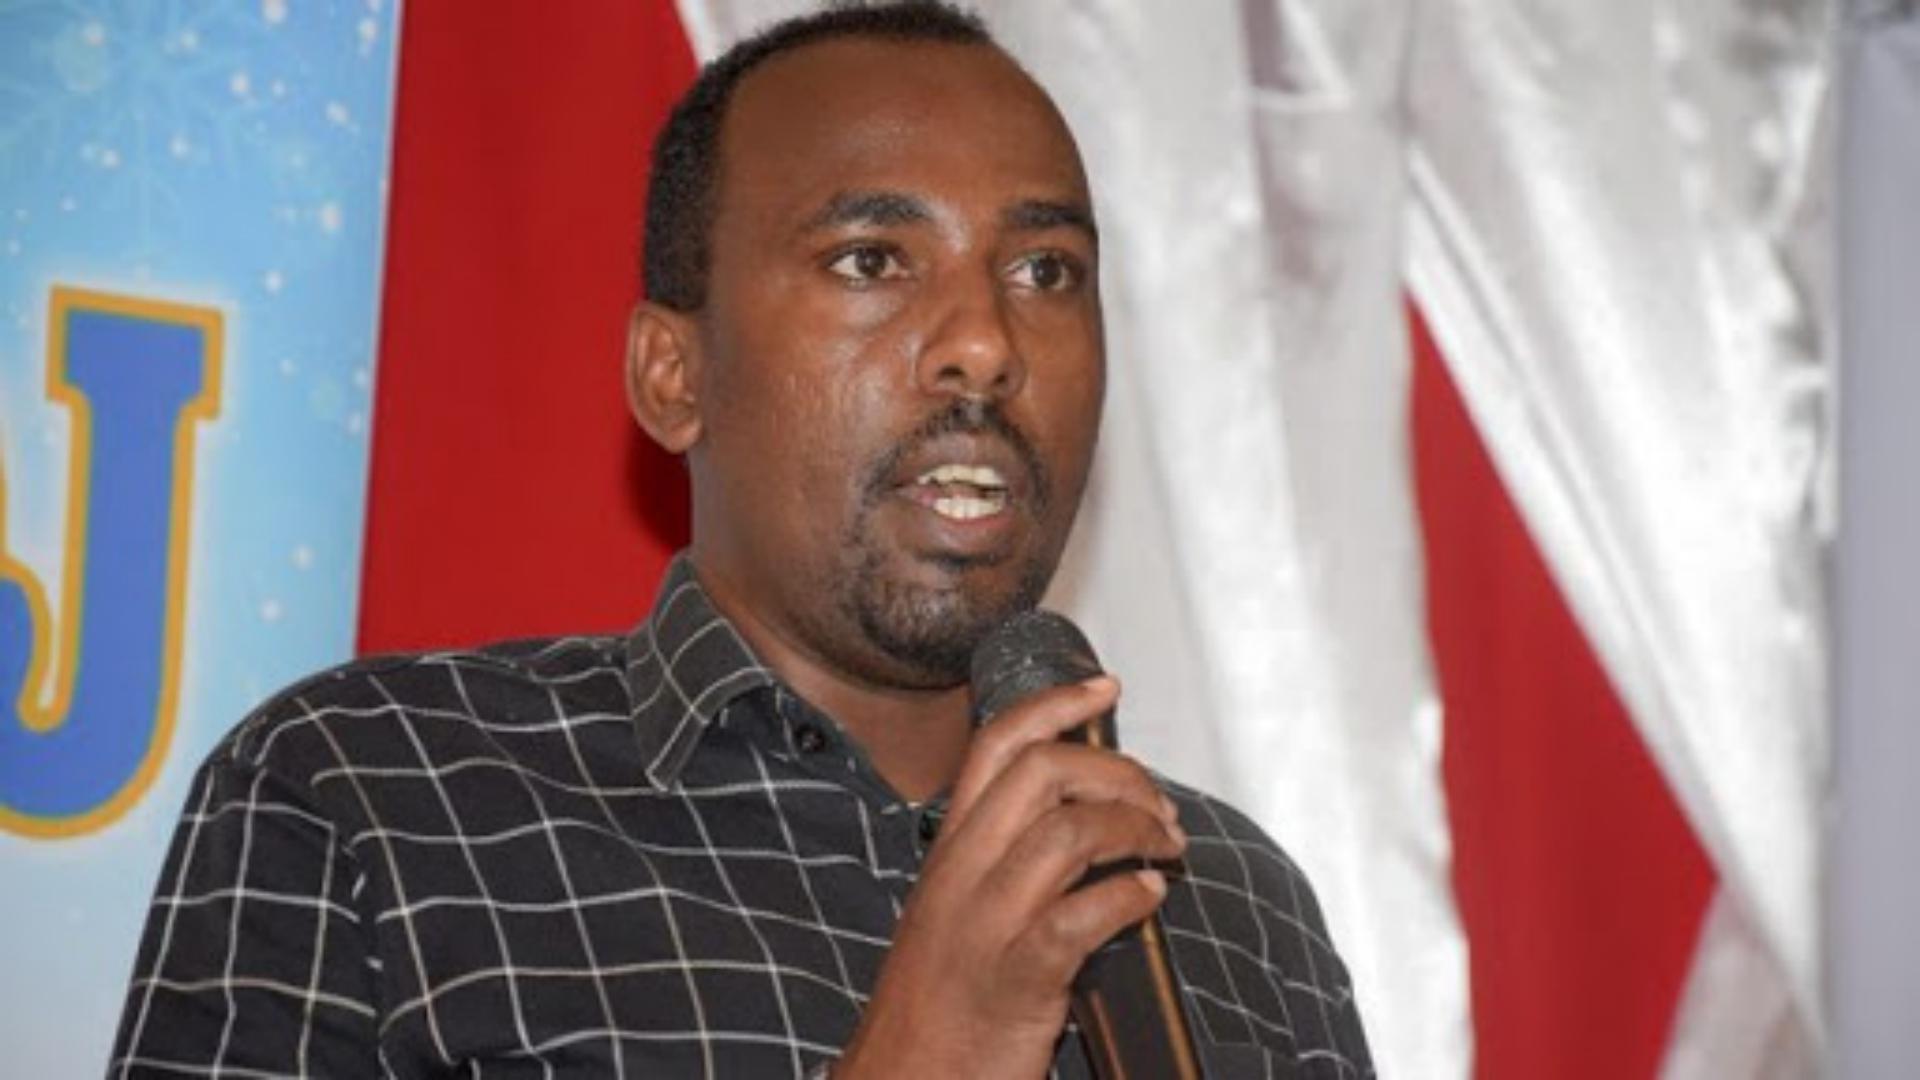 Somalie: le journaliste Mukhtar Mohamed Atosh de VOA libéré.